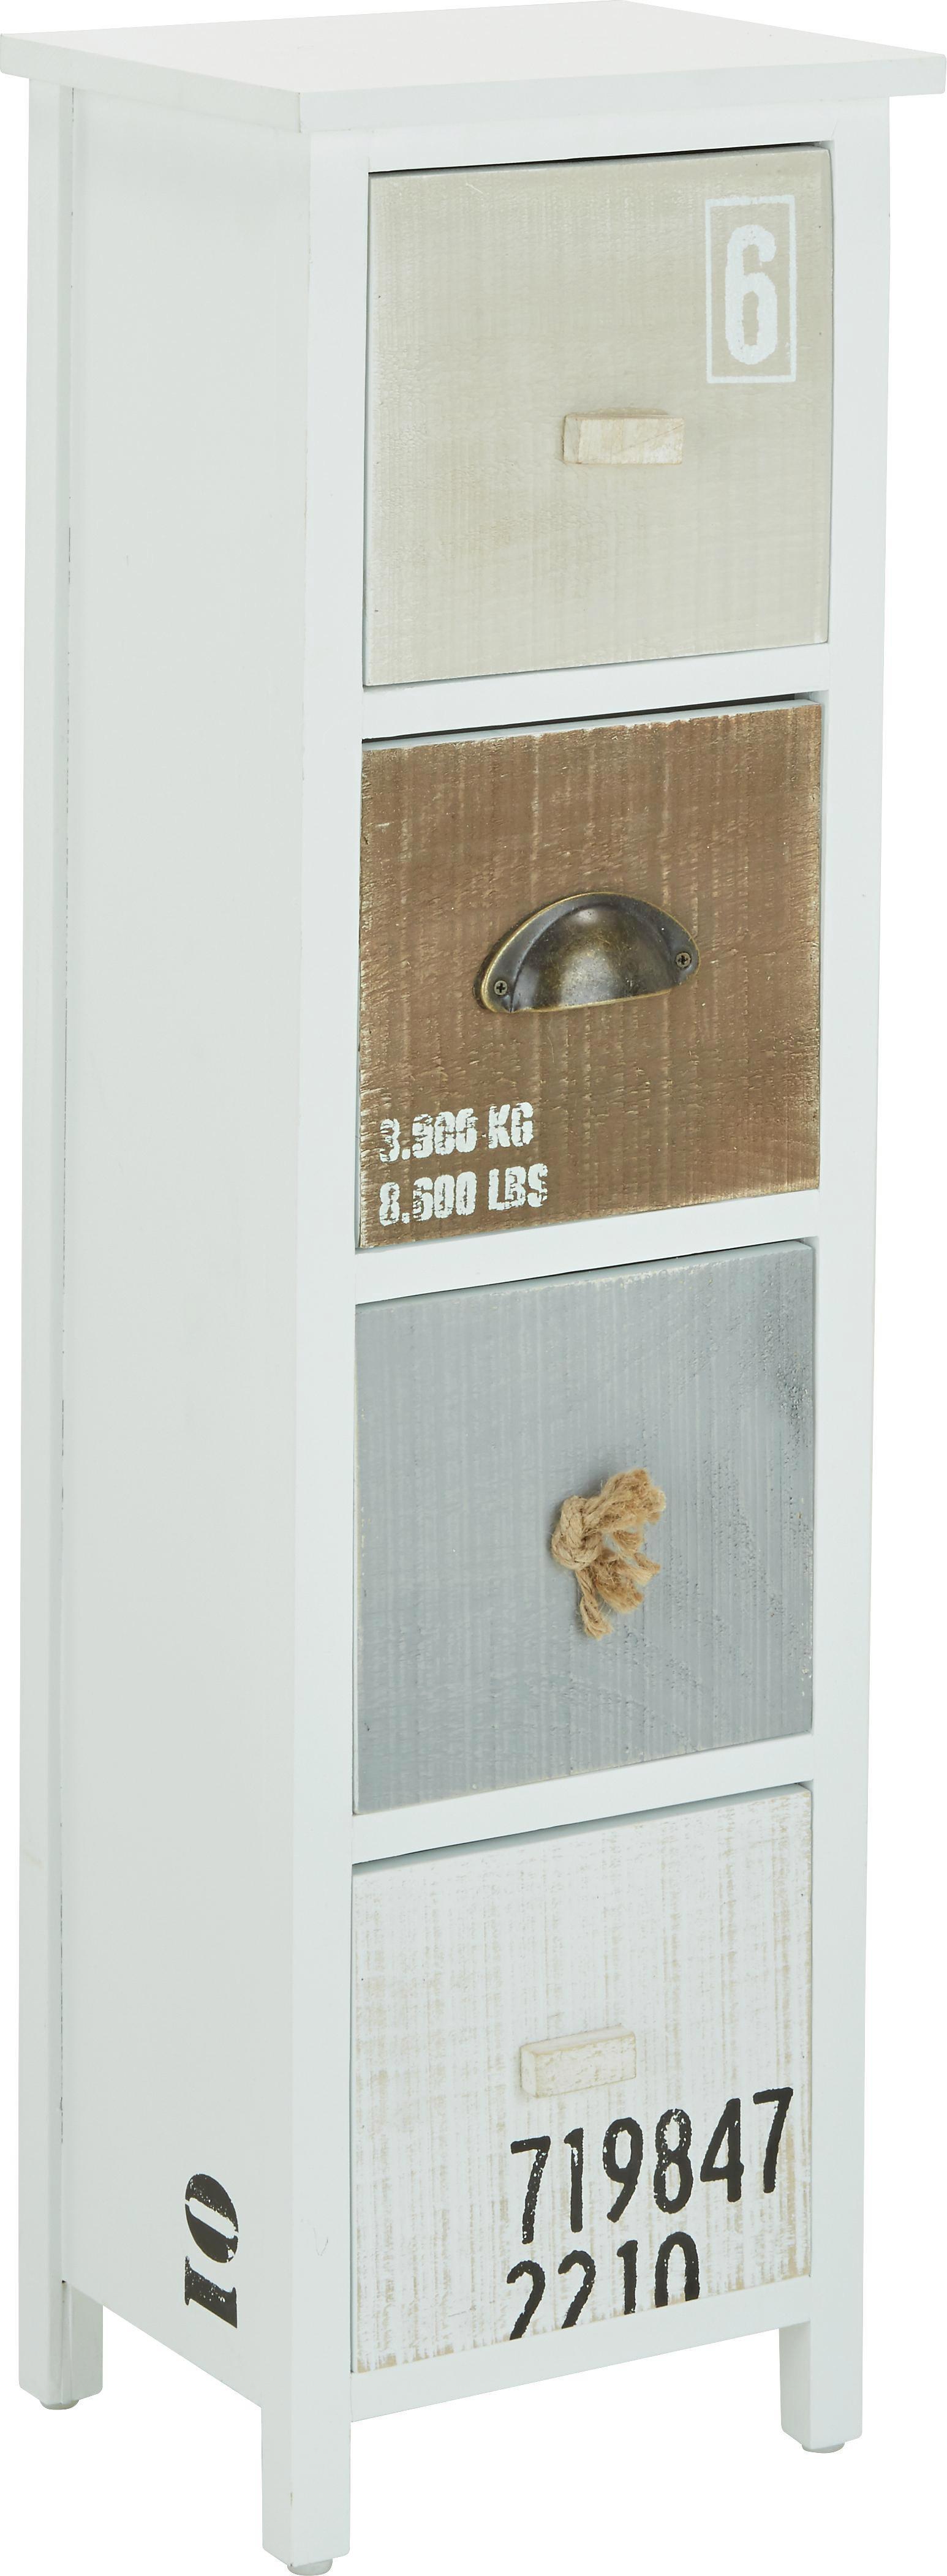 Blumensäule in Weiß aus Kiefer - Weiß, MODERN, Holz/Holzwerkstoff (23,5/77,5/20cm) - MÖMAX modern living